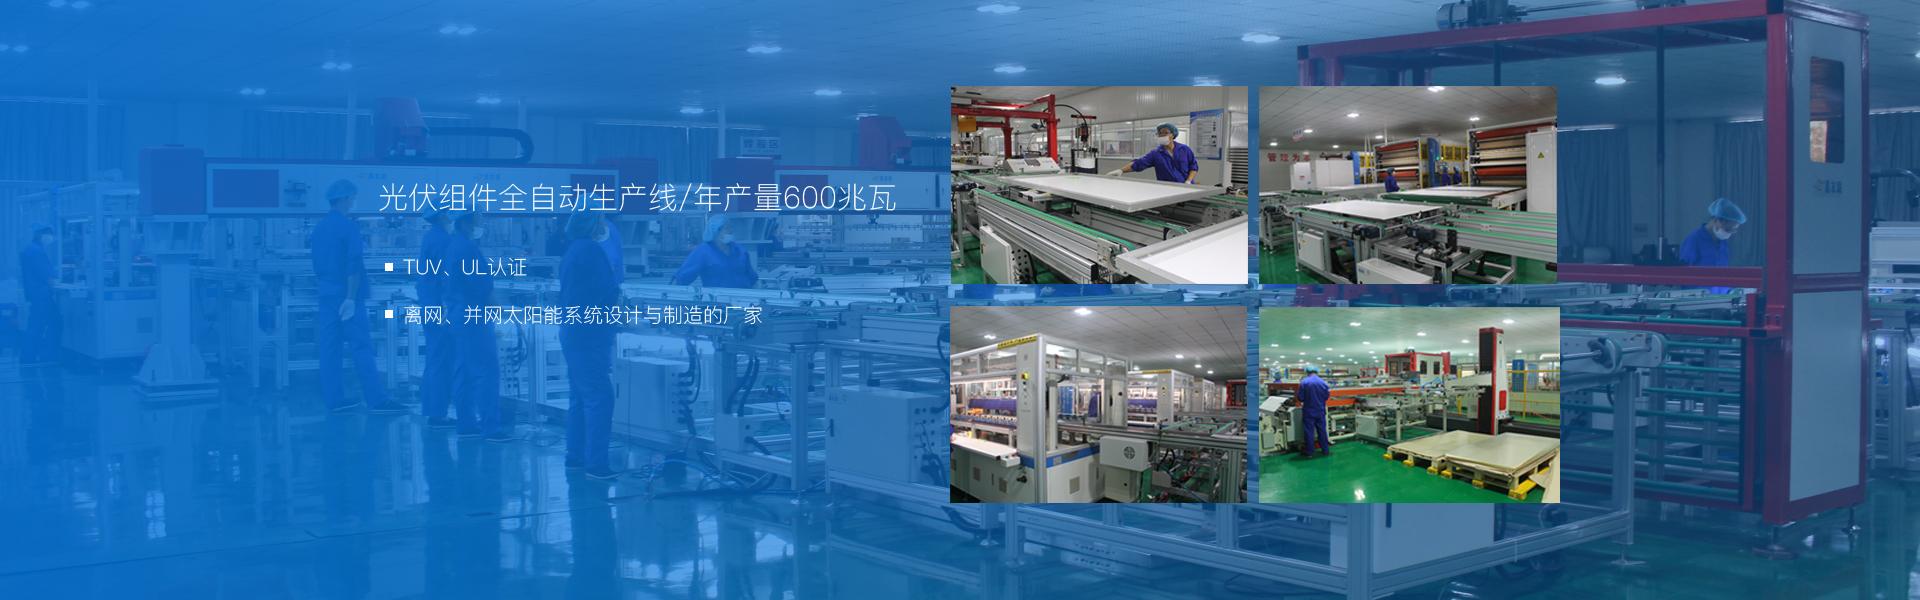 光伏组件全自动生产线/年产量600兆瓦